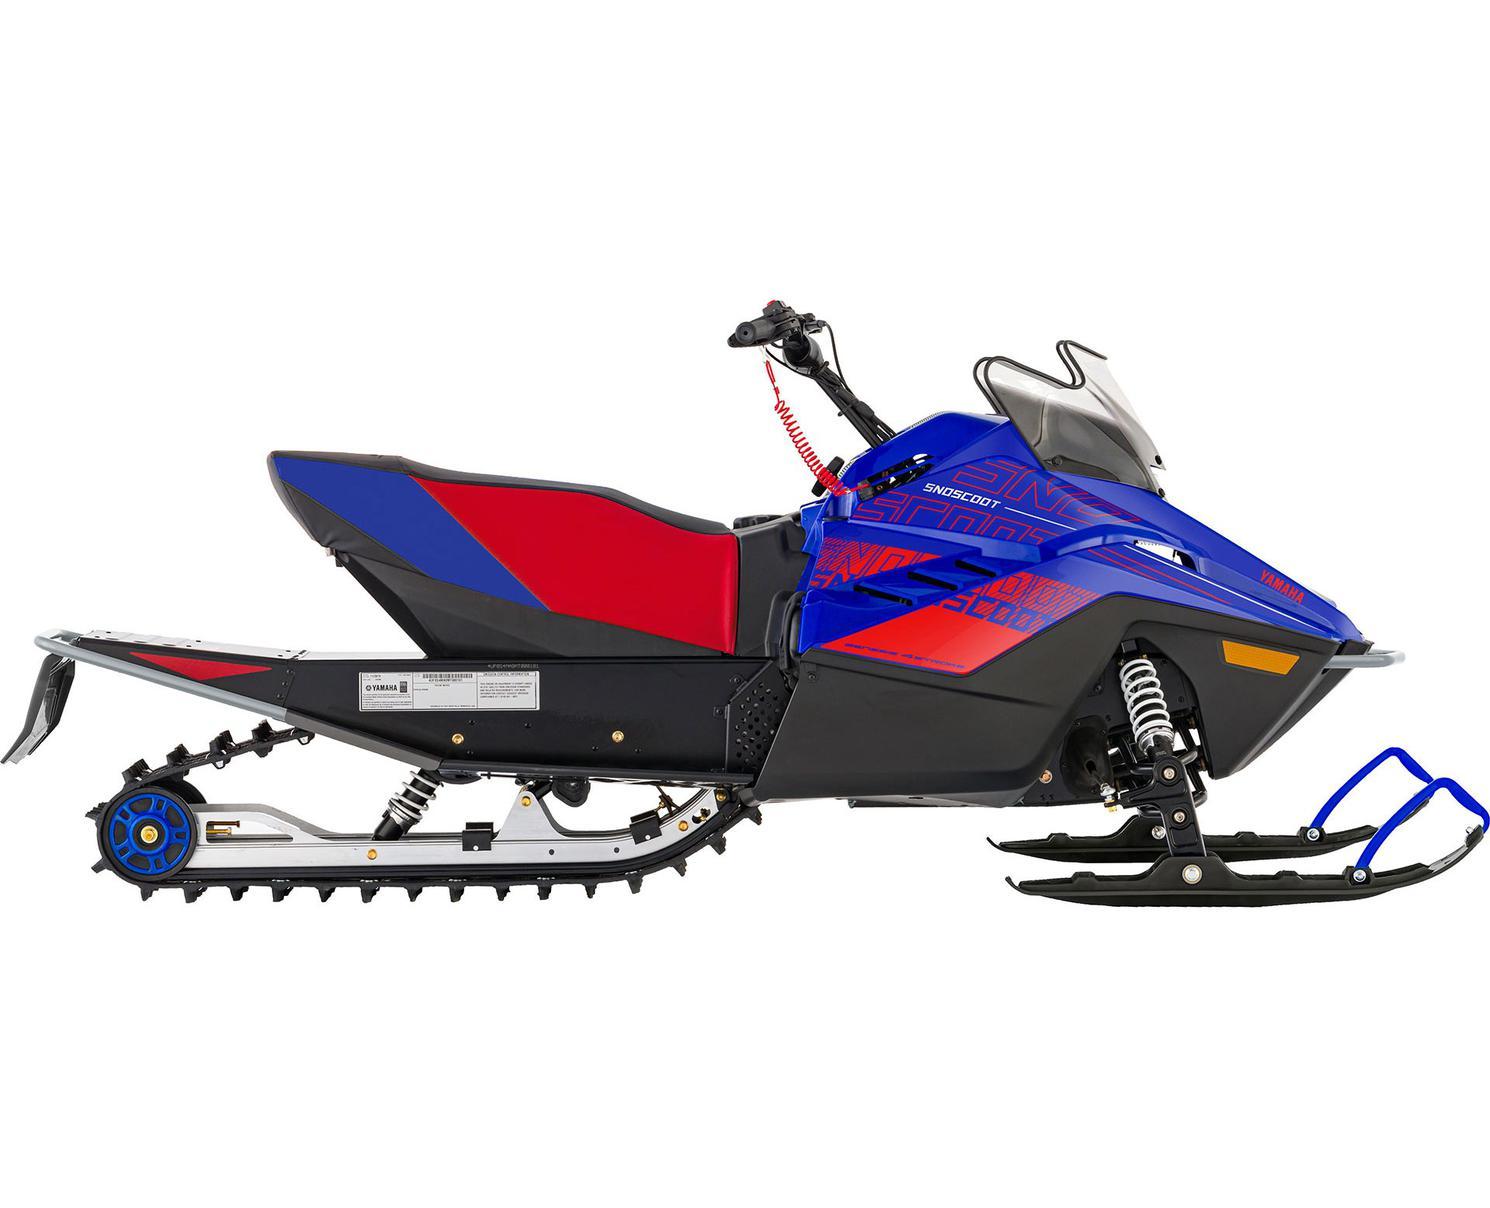 Yamaha Snoscoot ES Bleu Team Yamaha/Rouge 2022